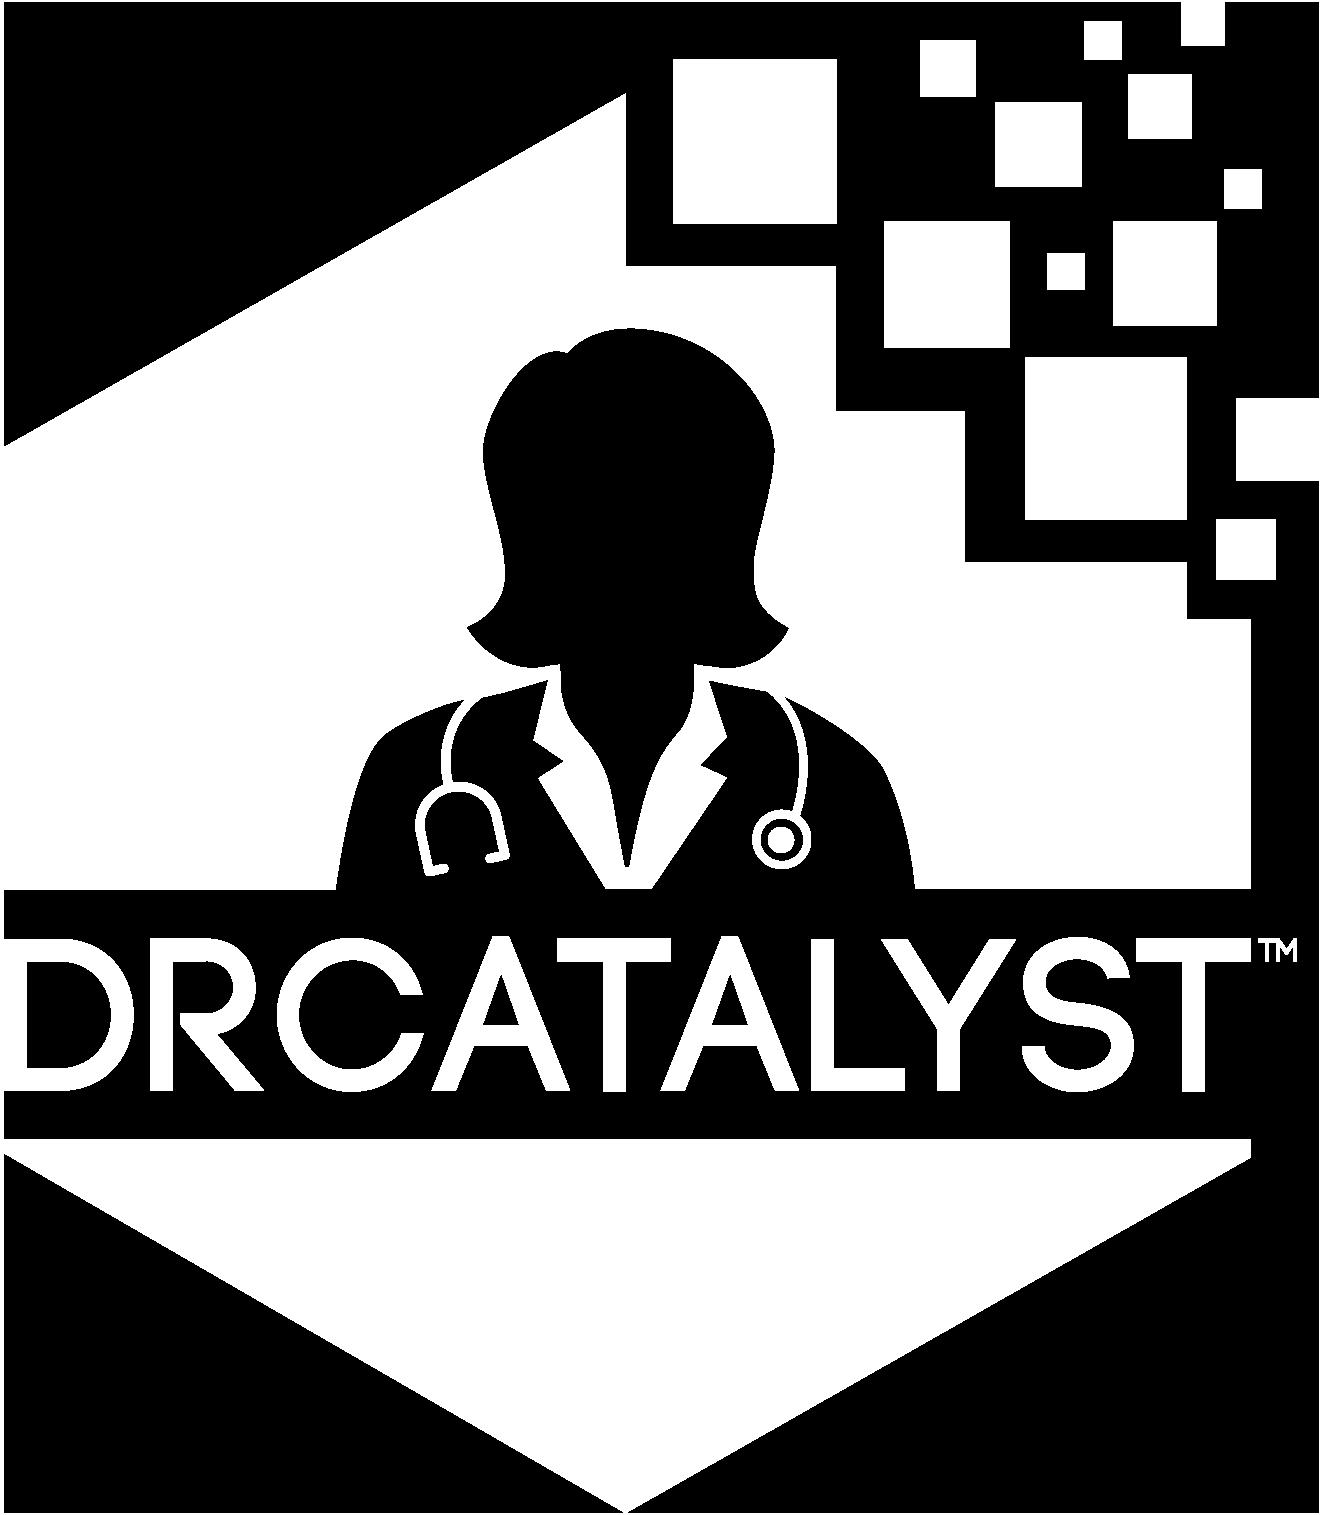 drcatalyst logo